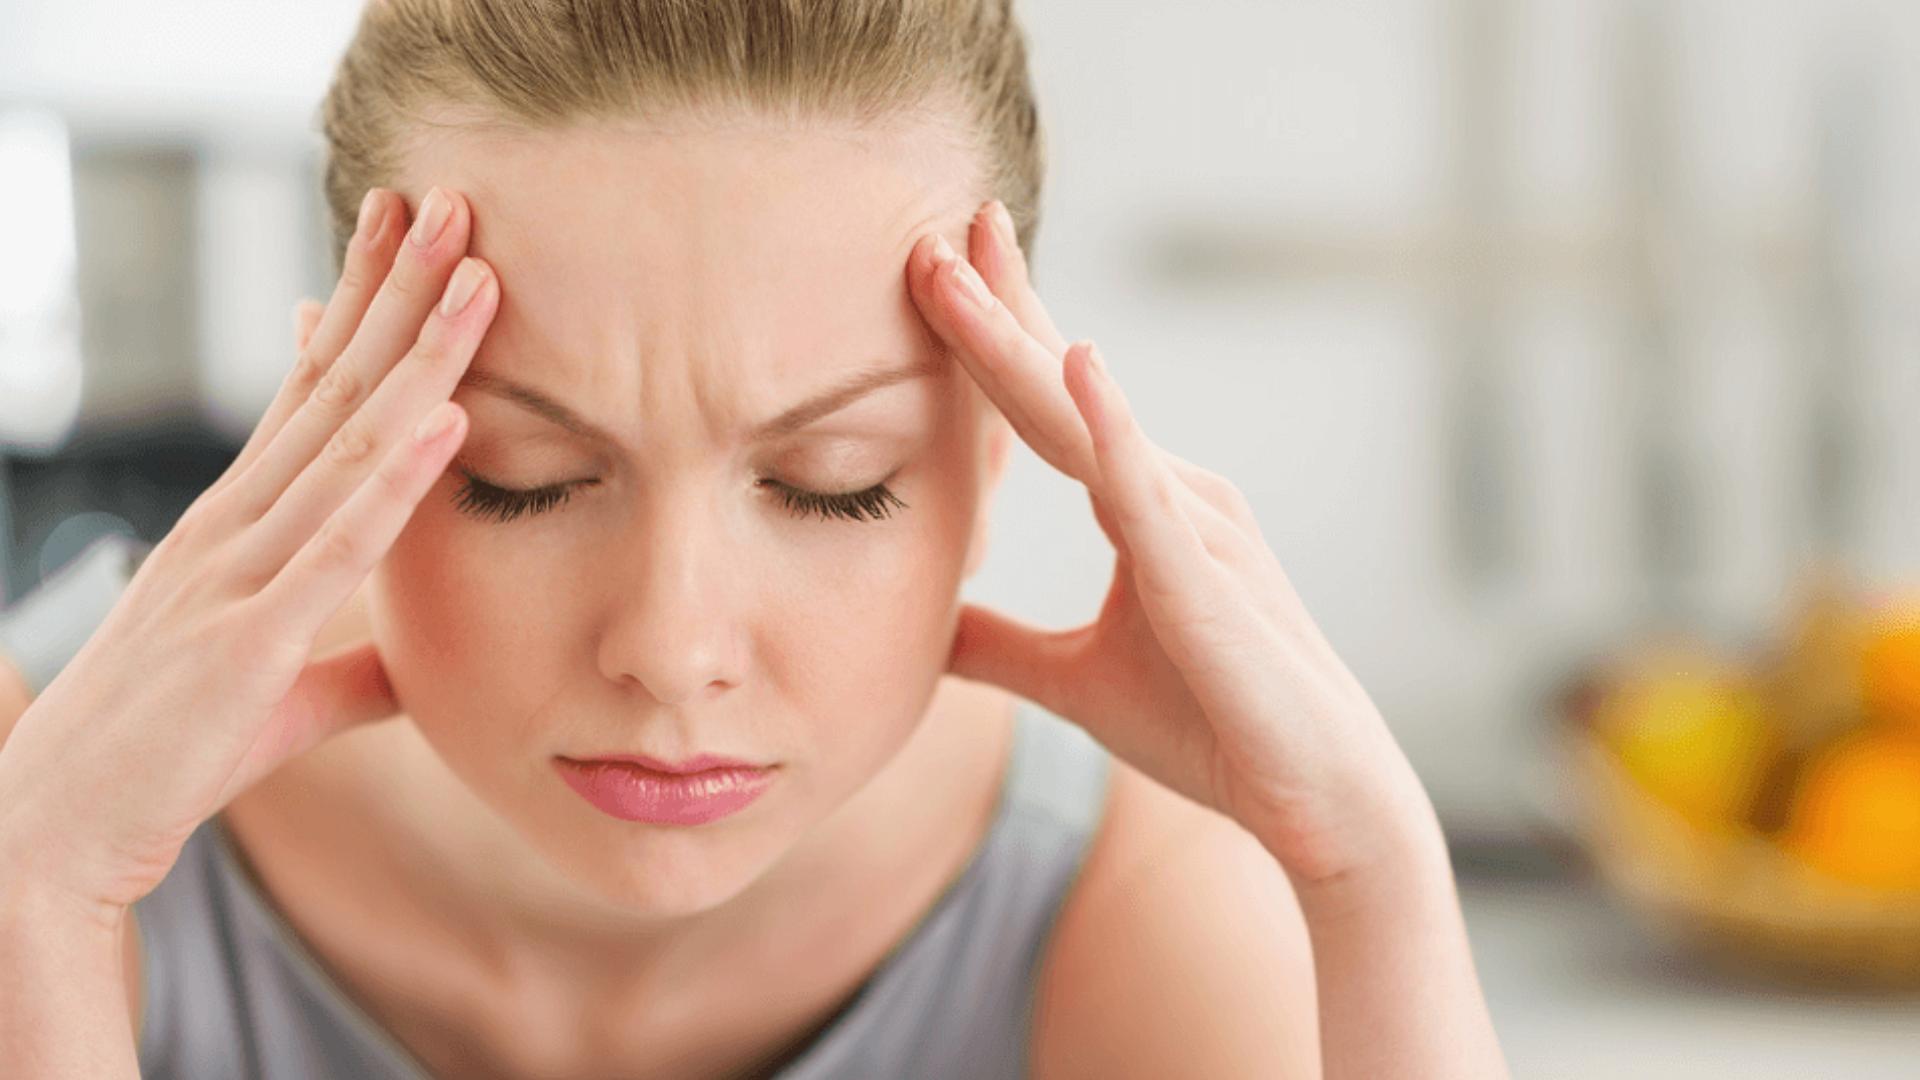 Що робити, якщо сильно болить голова: поради без медичного впливу